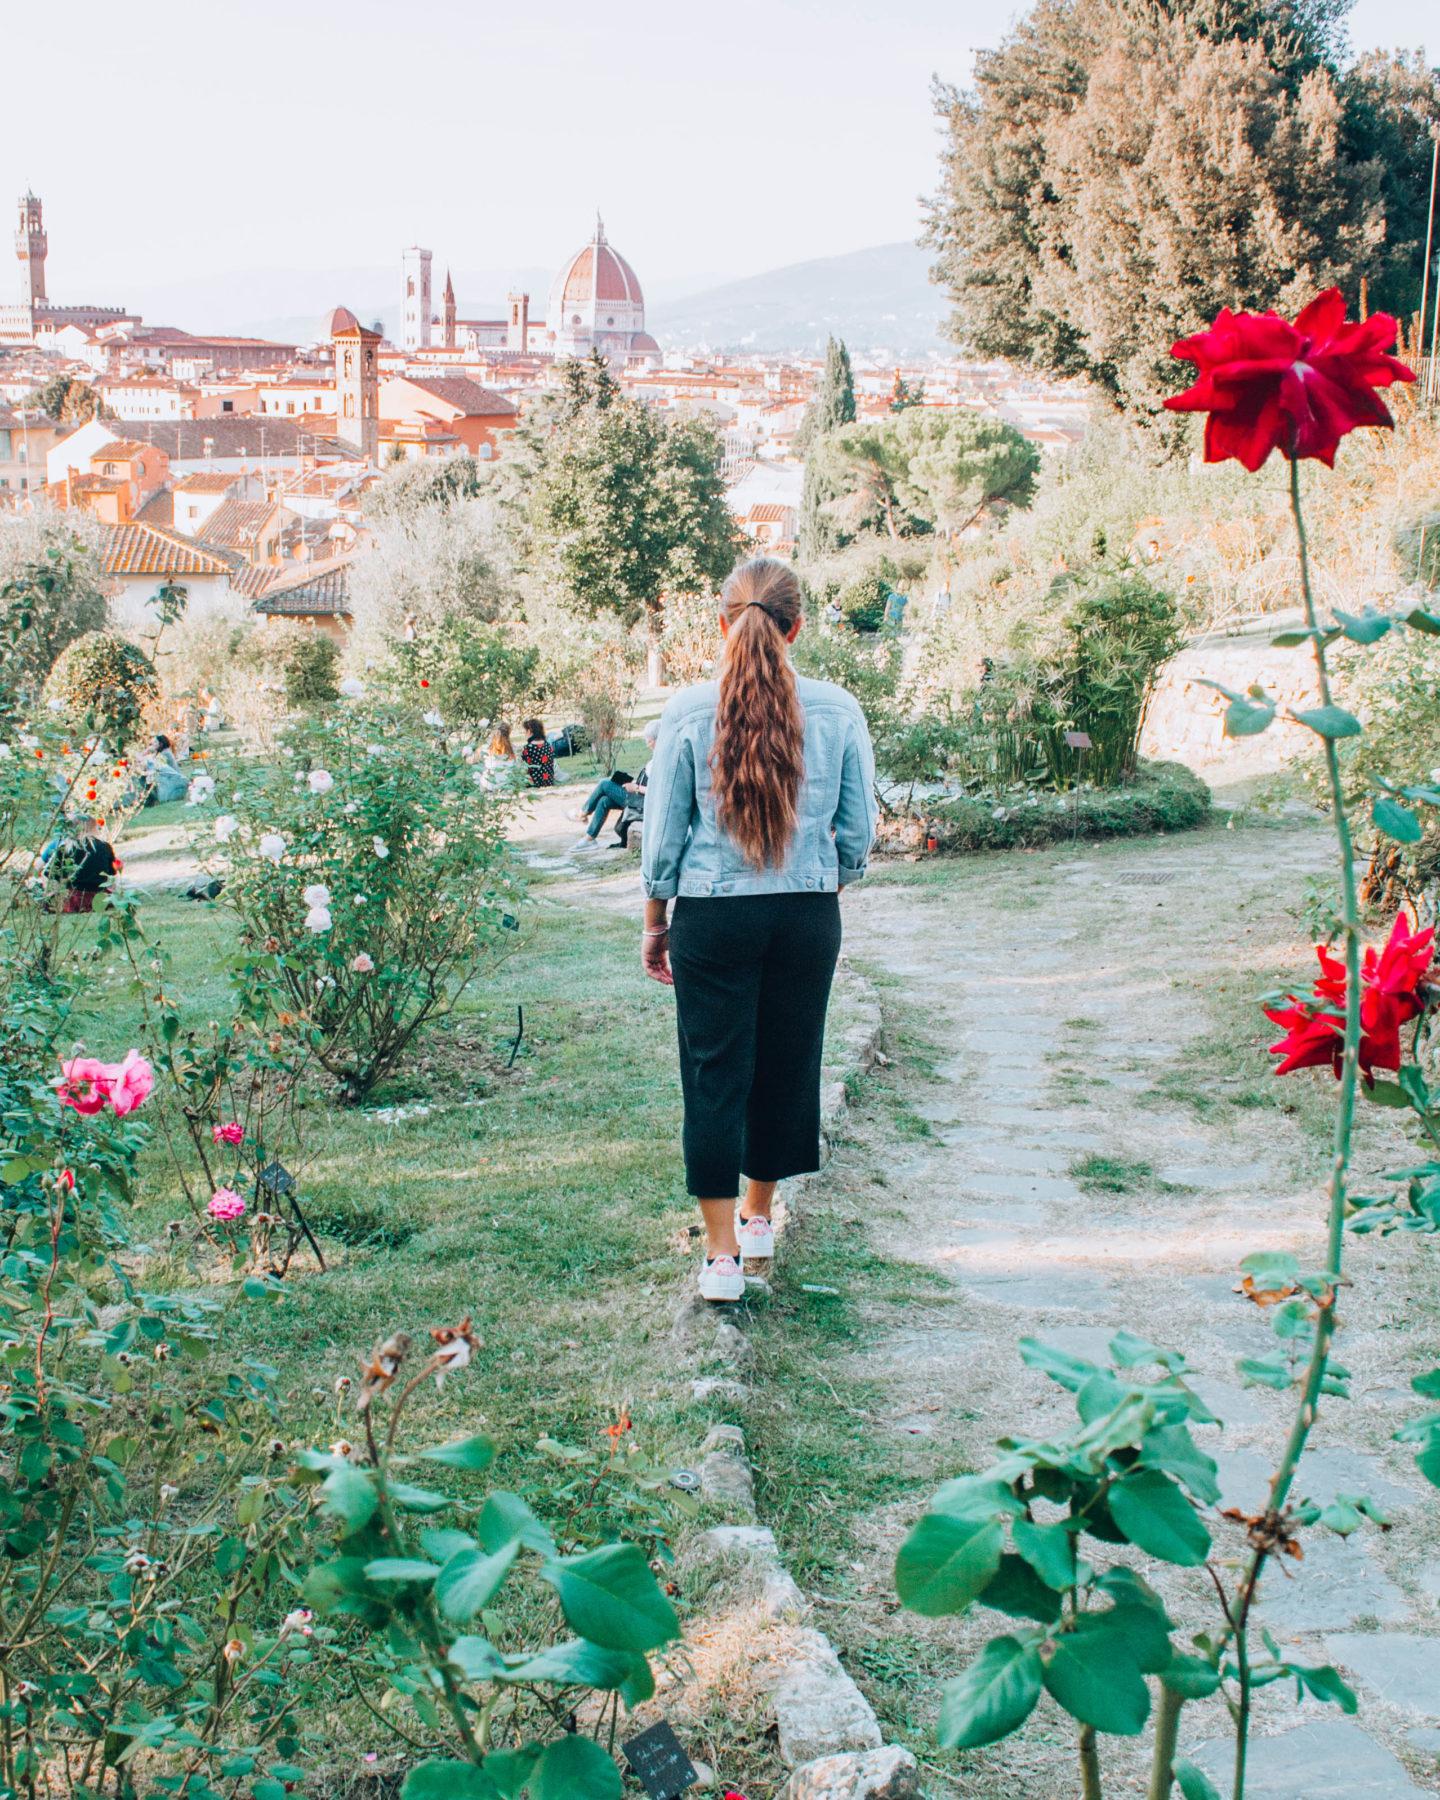 ragazza di spalle in un giardino di rose